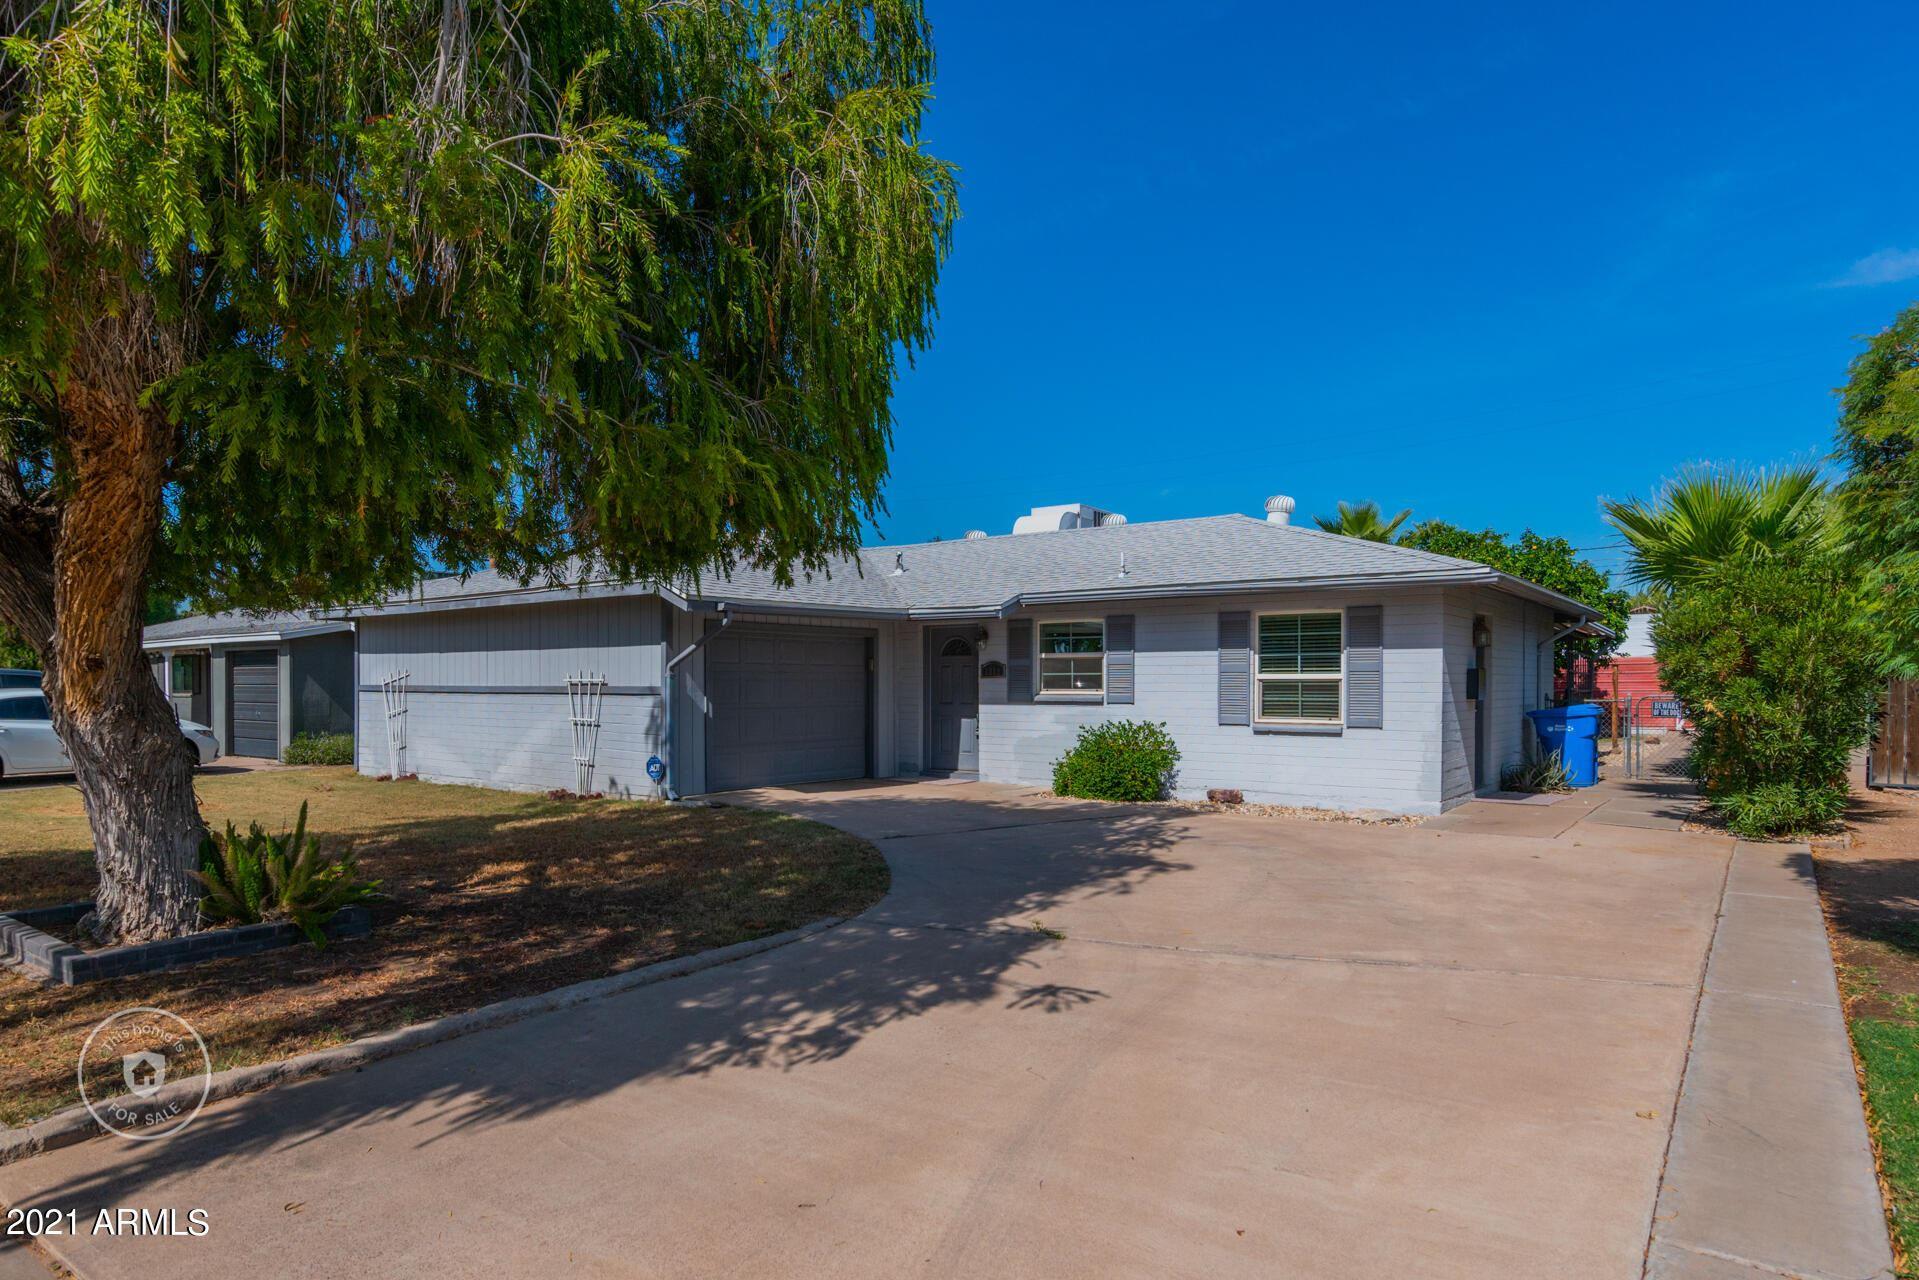 1312 E COLTER Street, Phoenix, AZ 85014 - MLS#: 6312612